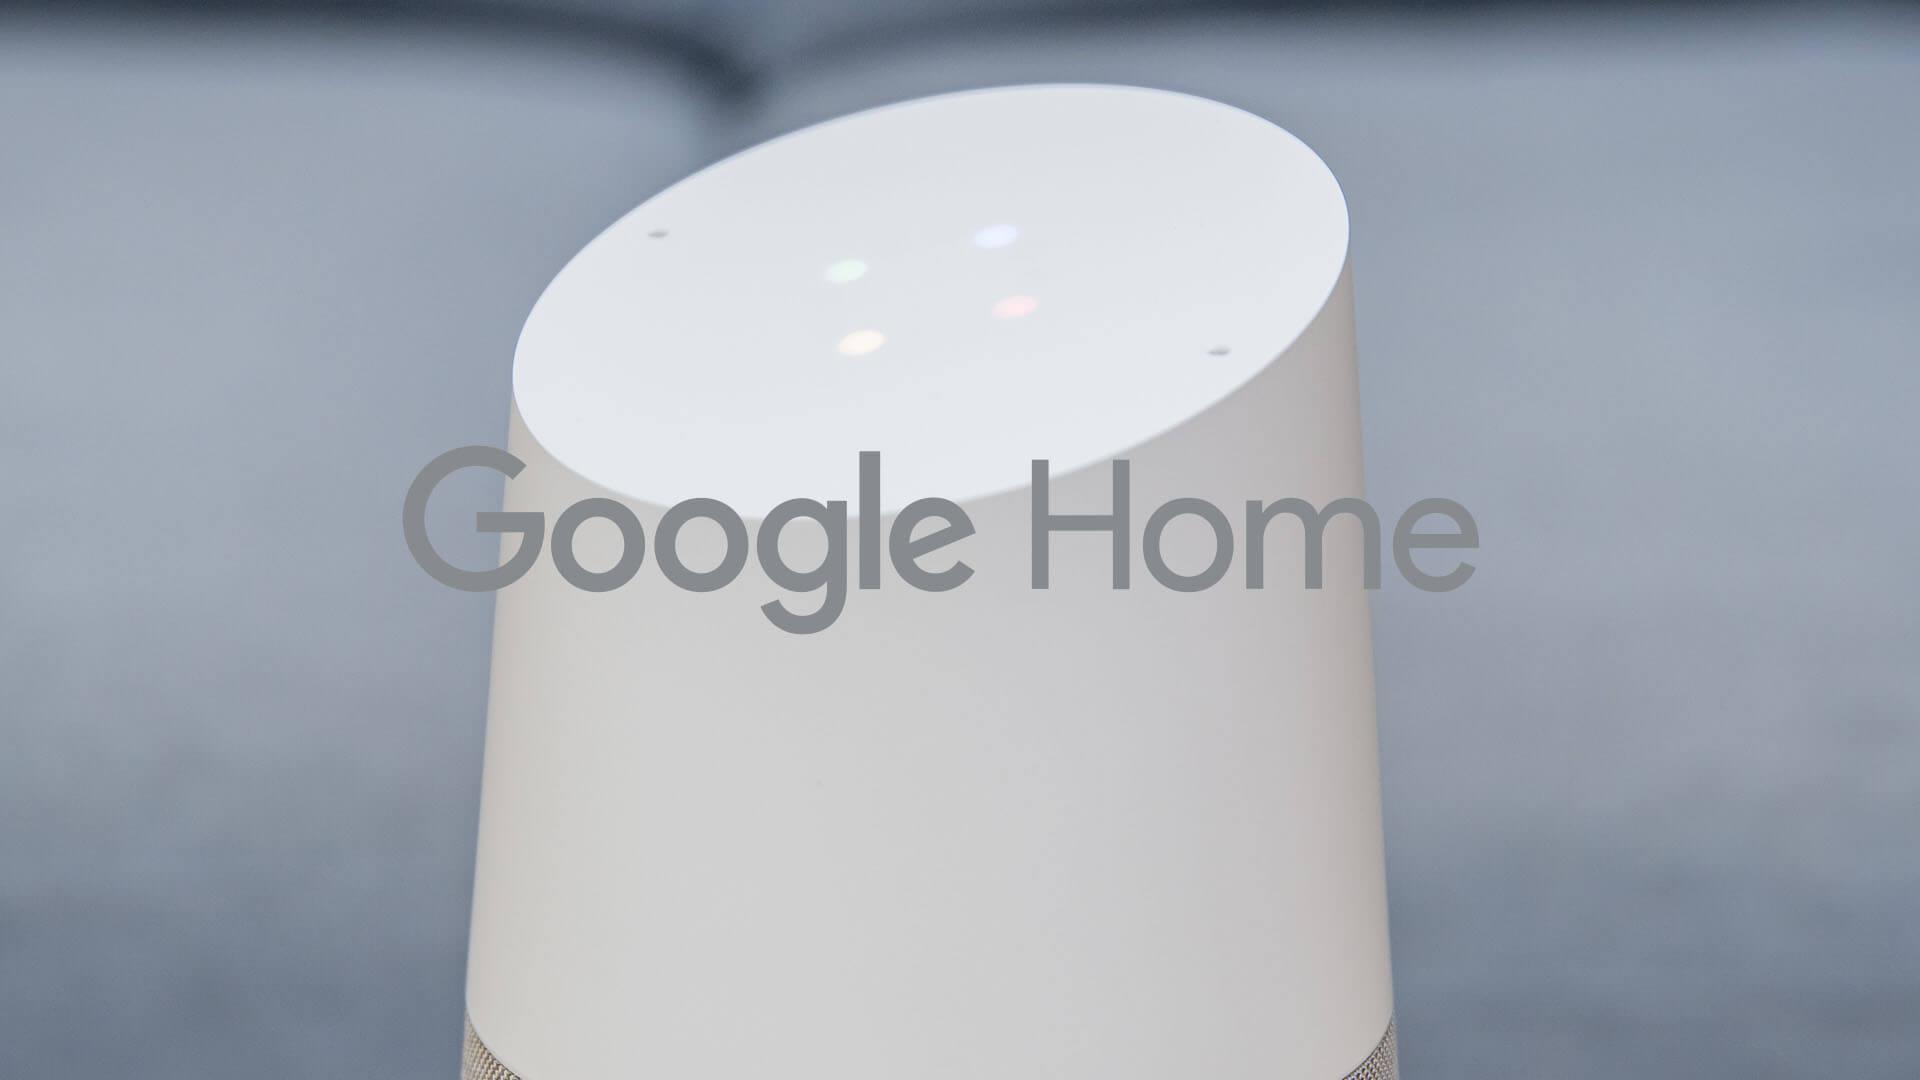 『Google Home』レビュー!今後に期待のGoogleのスマートスピーカー